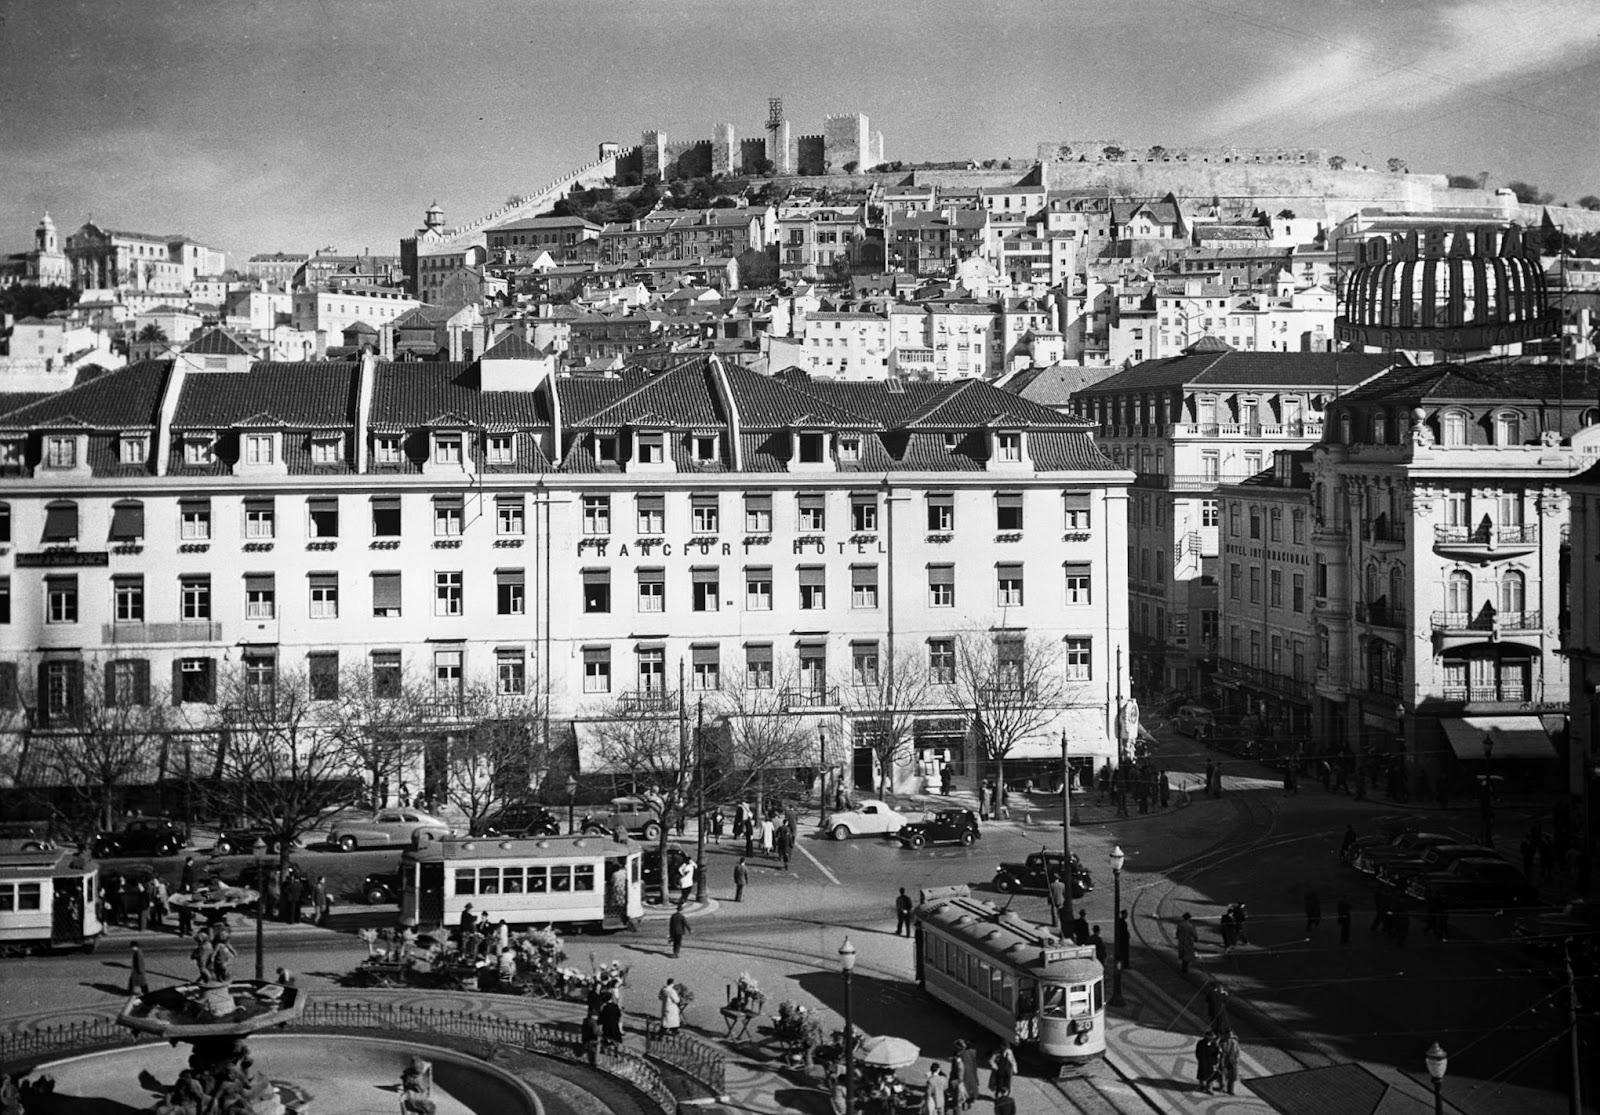 [1950-Francfort-Hotel4]